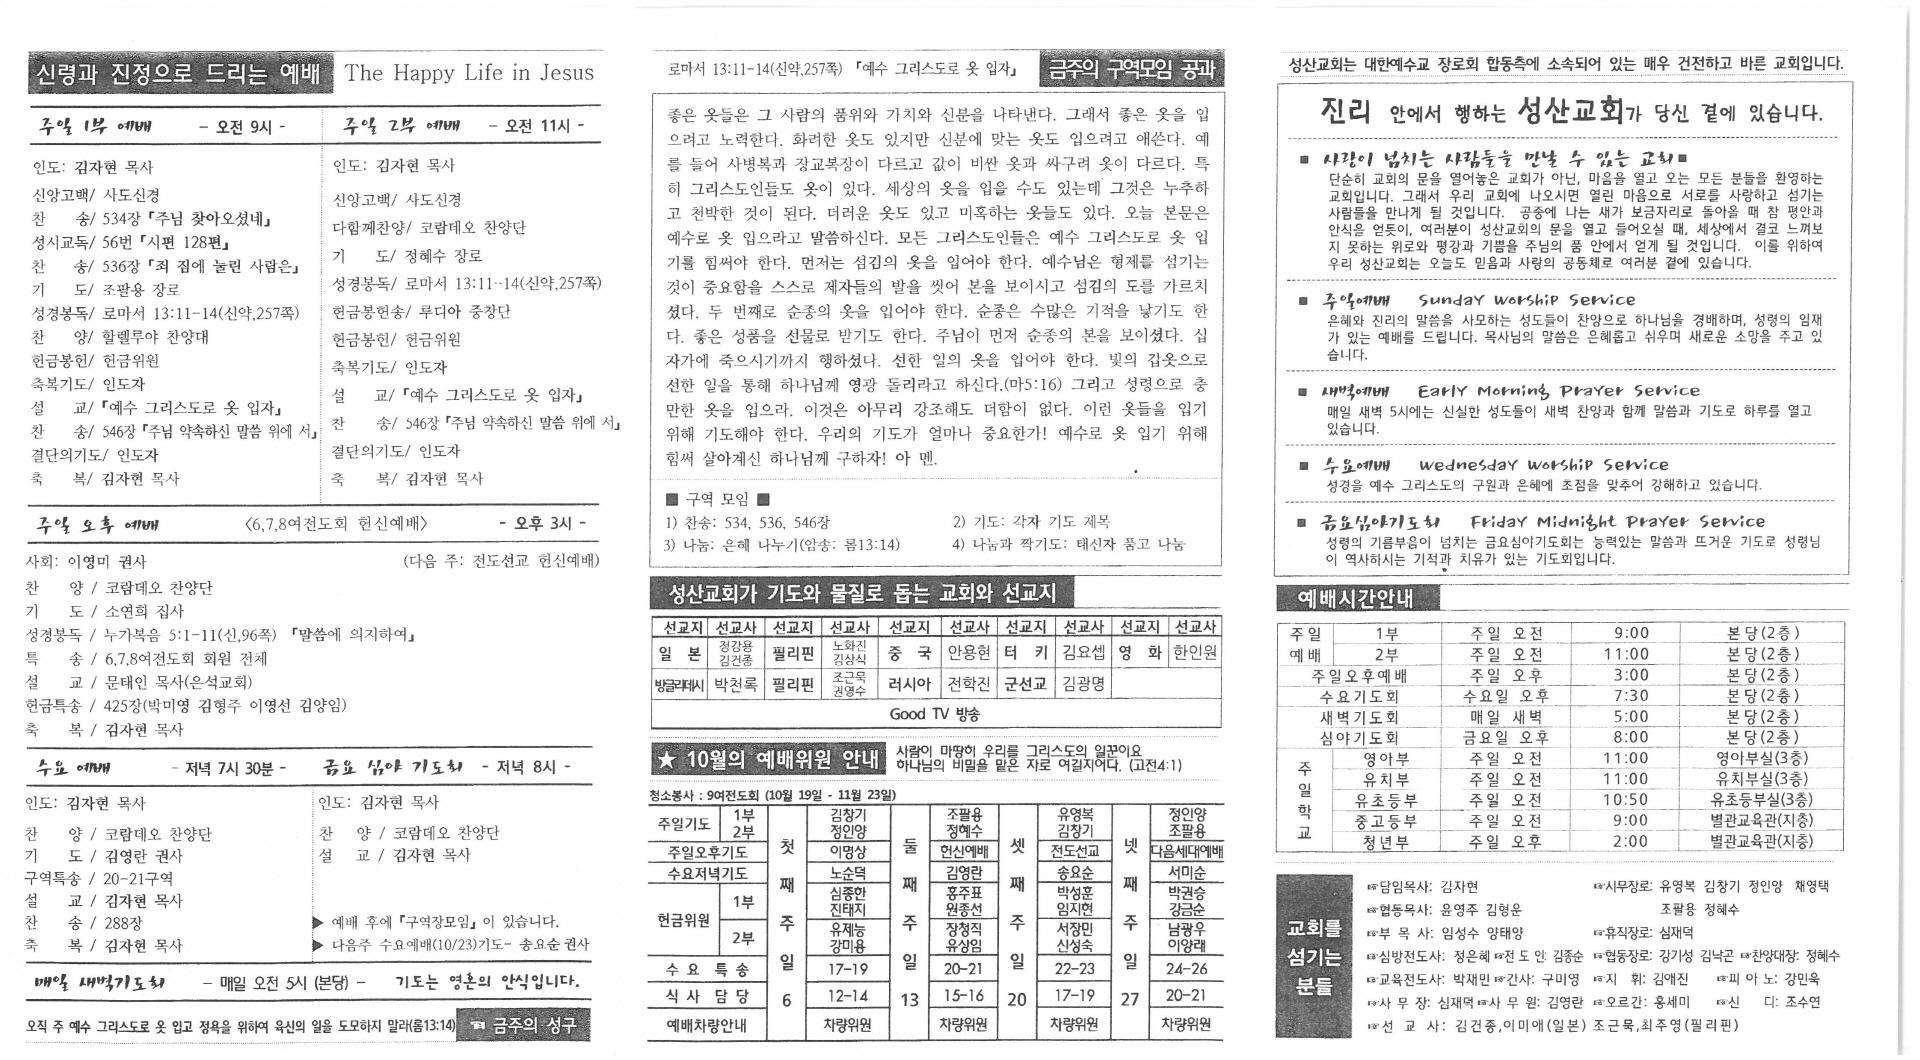 축소S22C-6e19101212380_0002.jpg